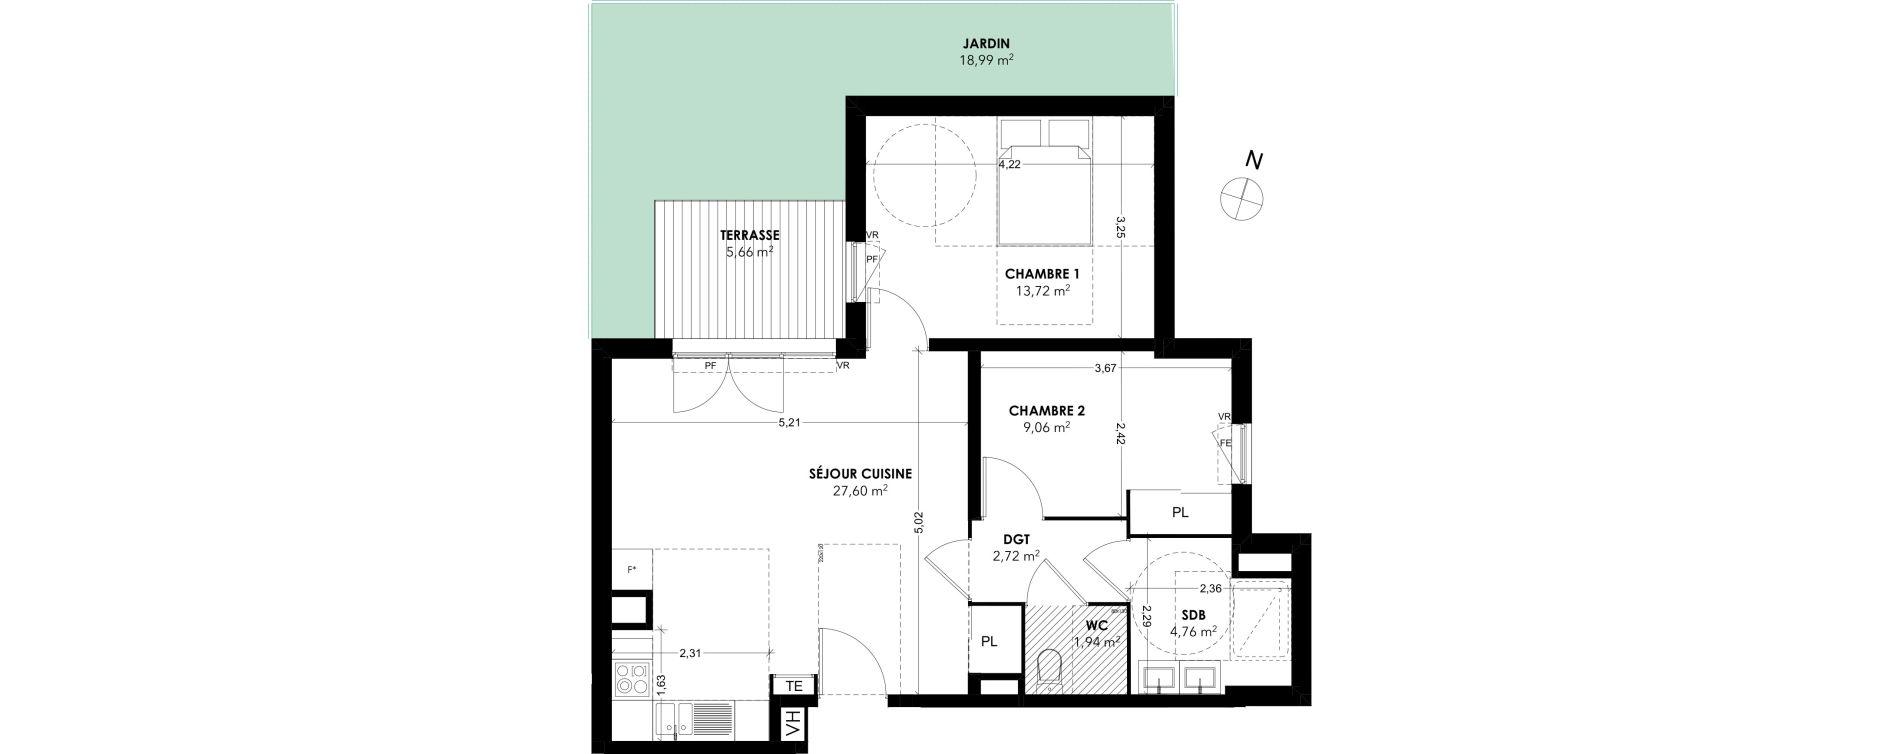 Appartement T3 de 59,80 m2 à Marseille La rose (13eme)